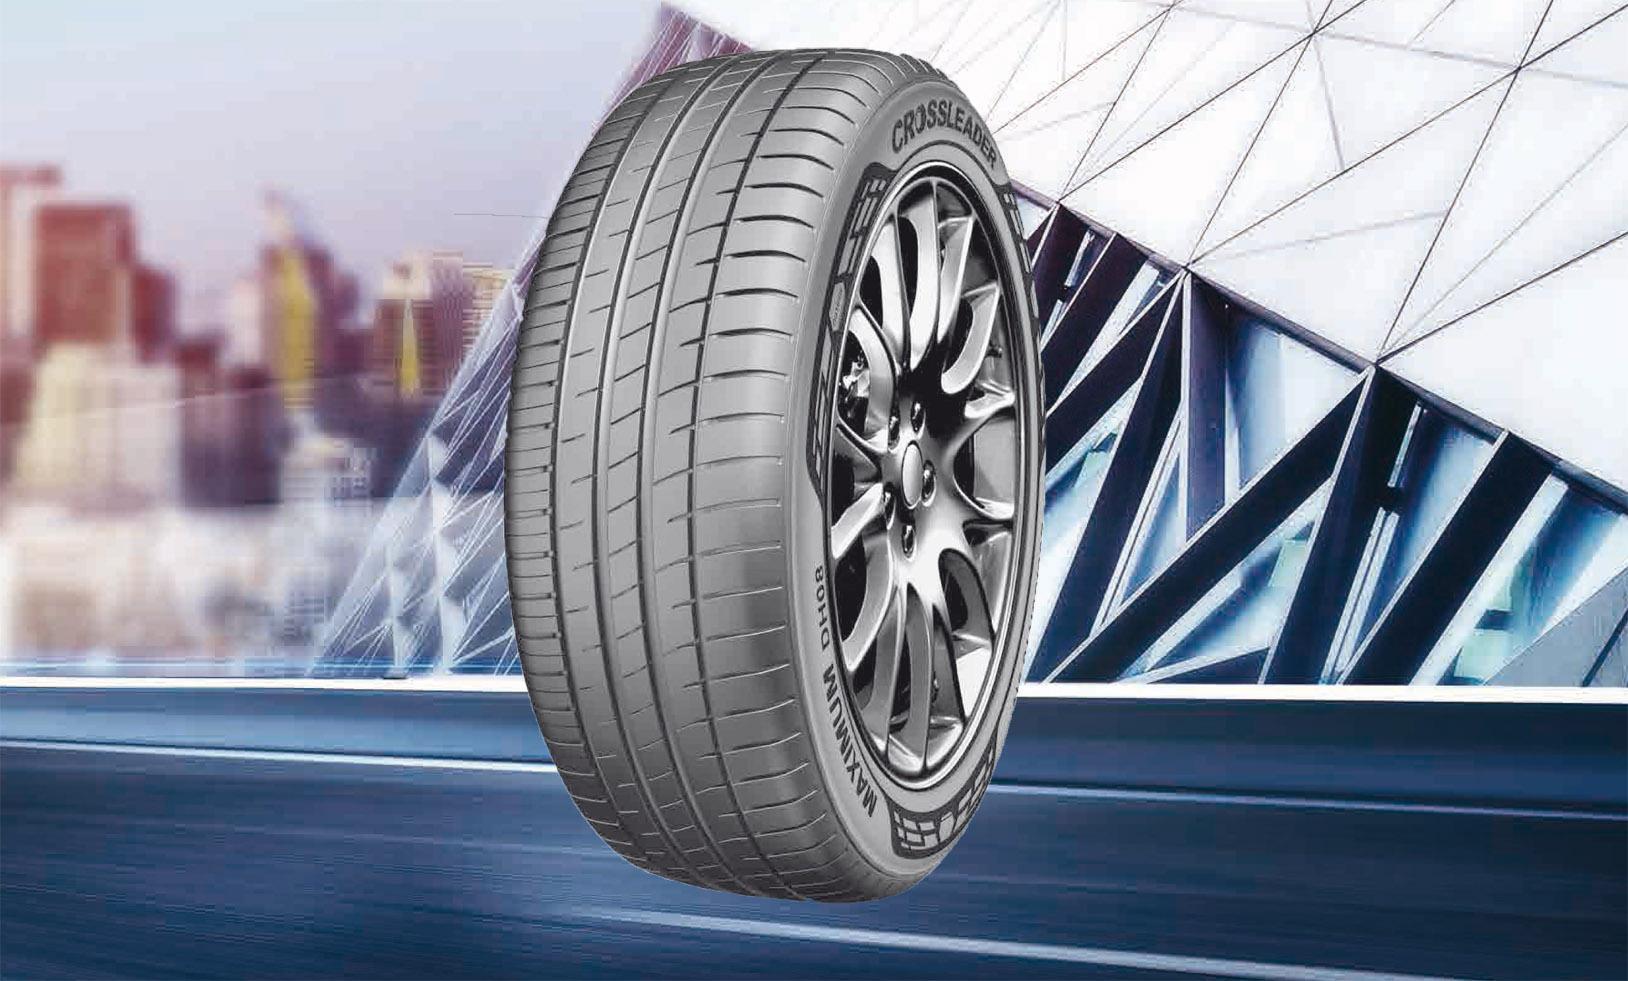 Doublestar представила новую легковую шину с высшей оценкой за сцепление на мокрой поверхности